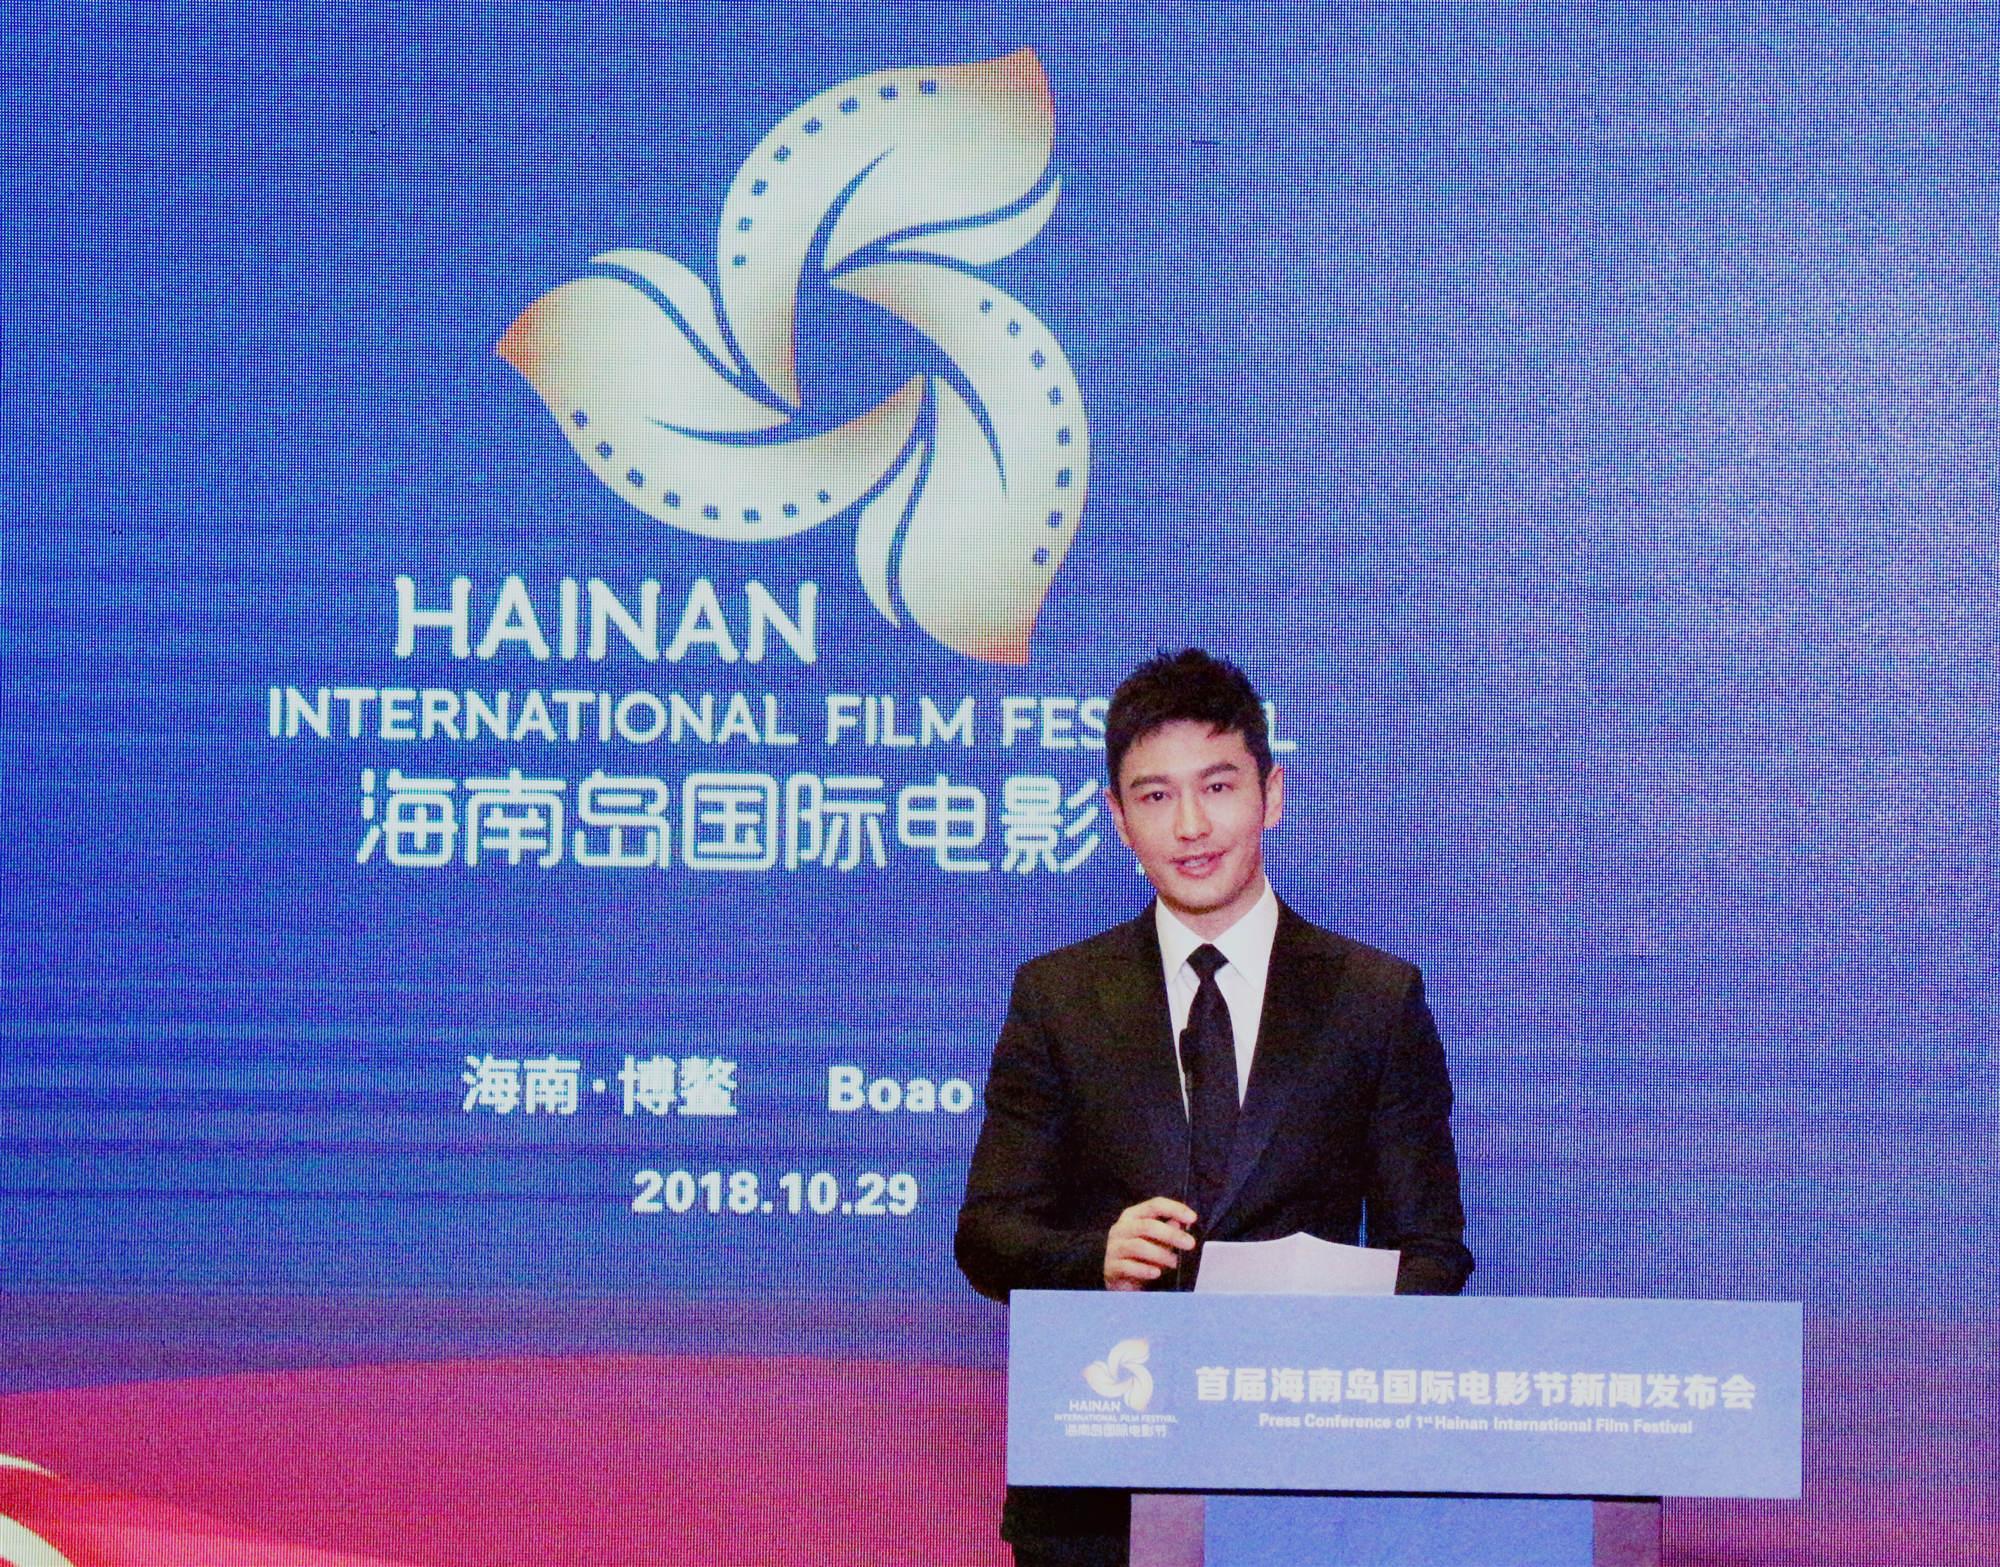 黄晓明出席海南电影节 作品要带去温暖和治愈的能量